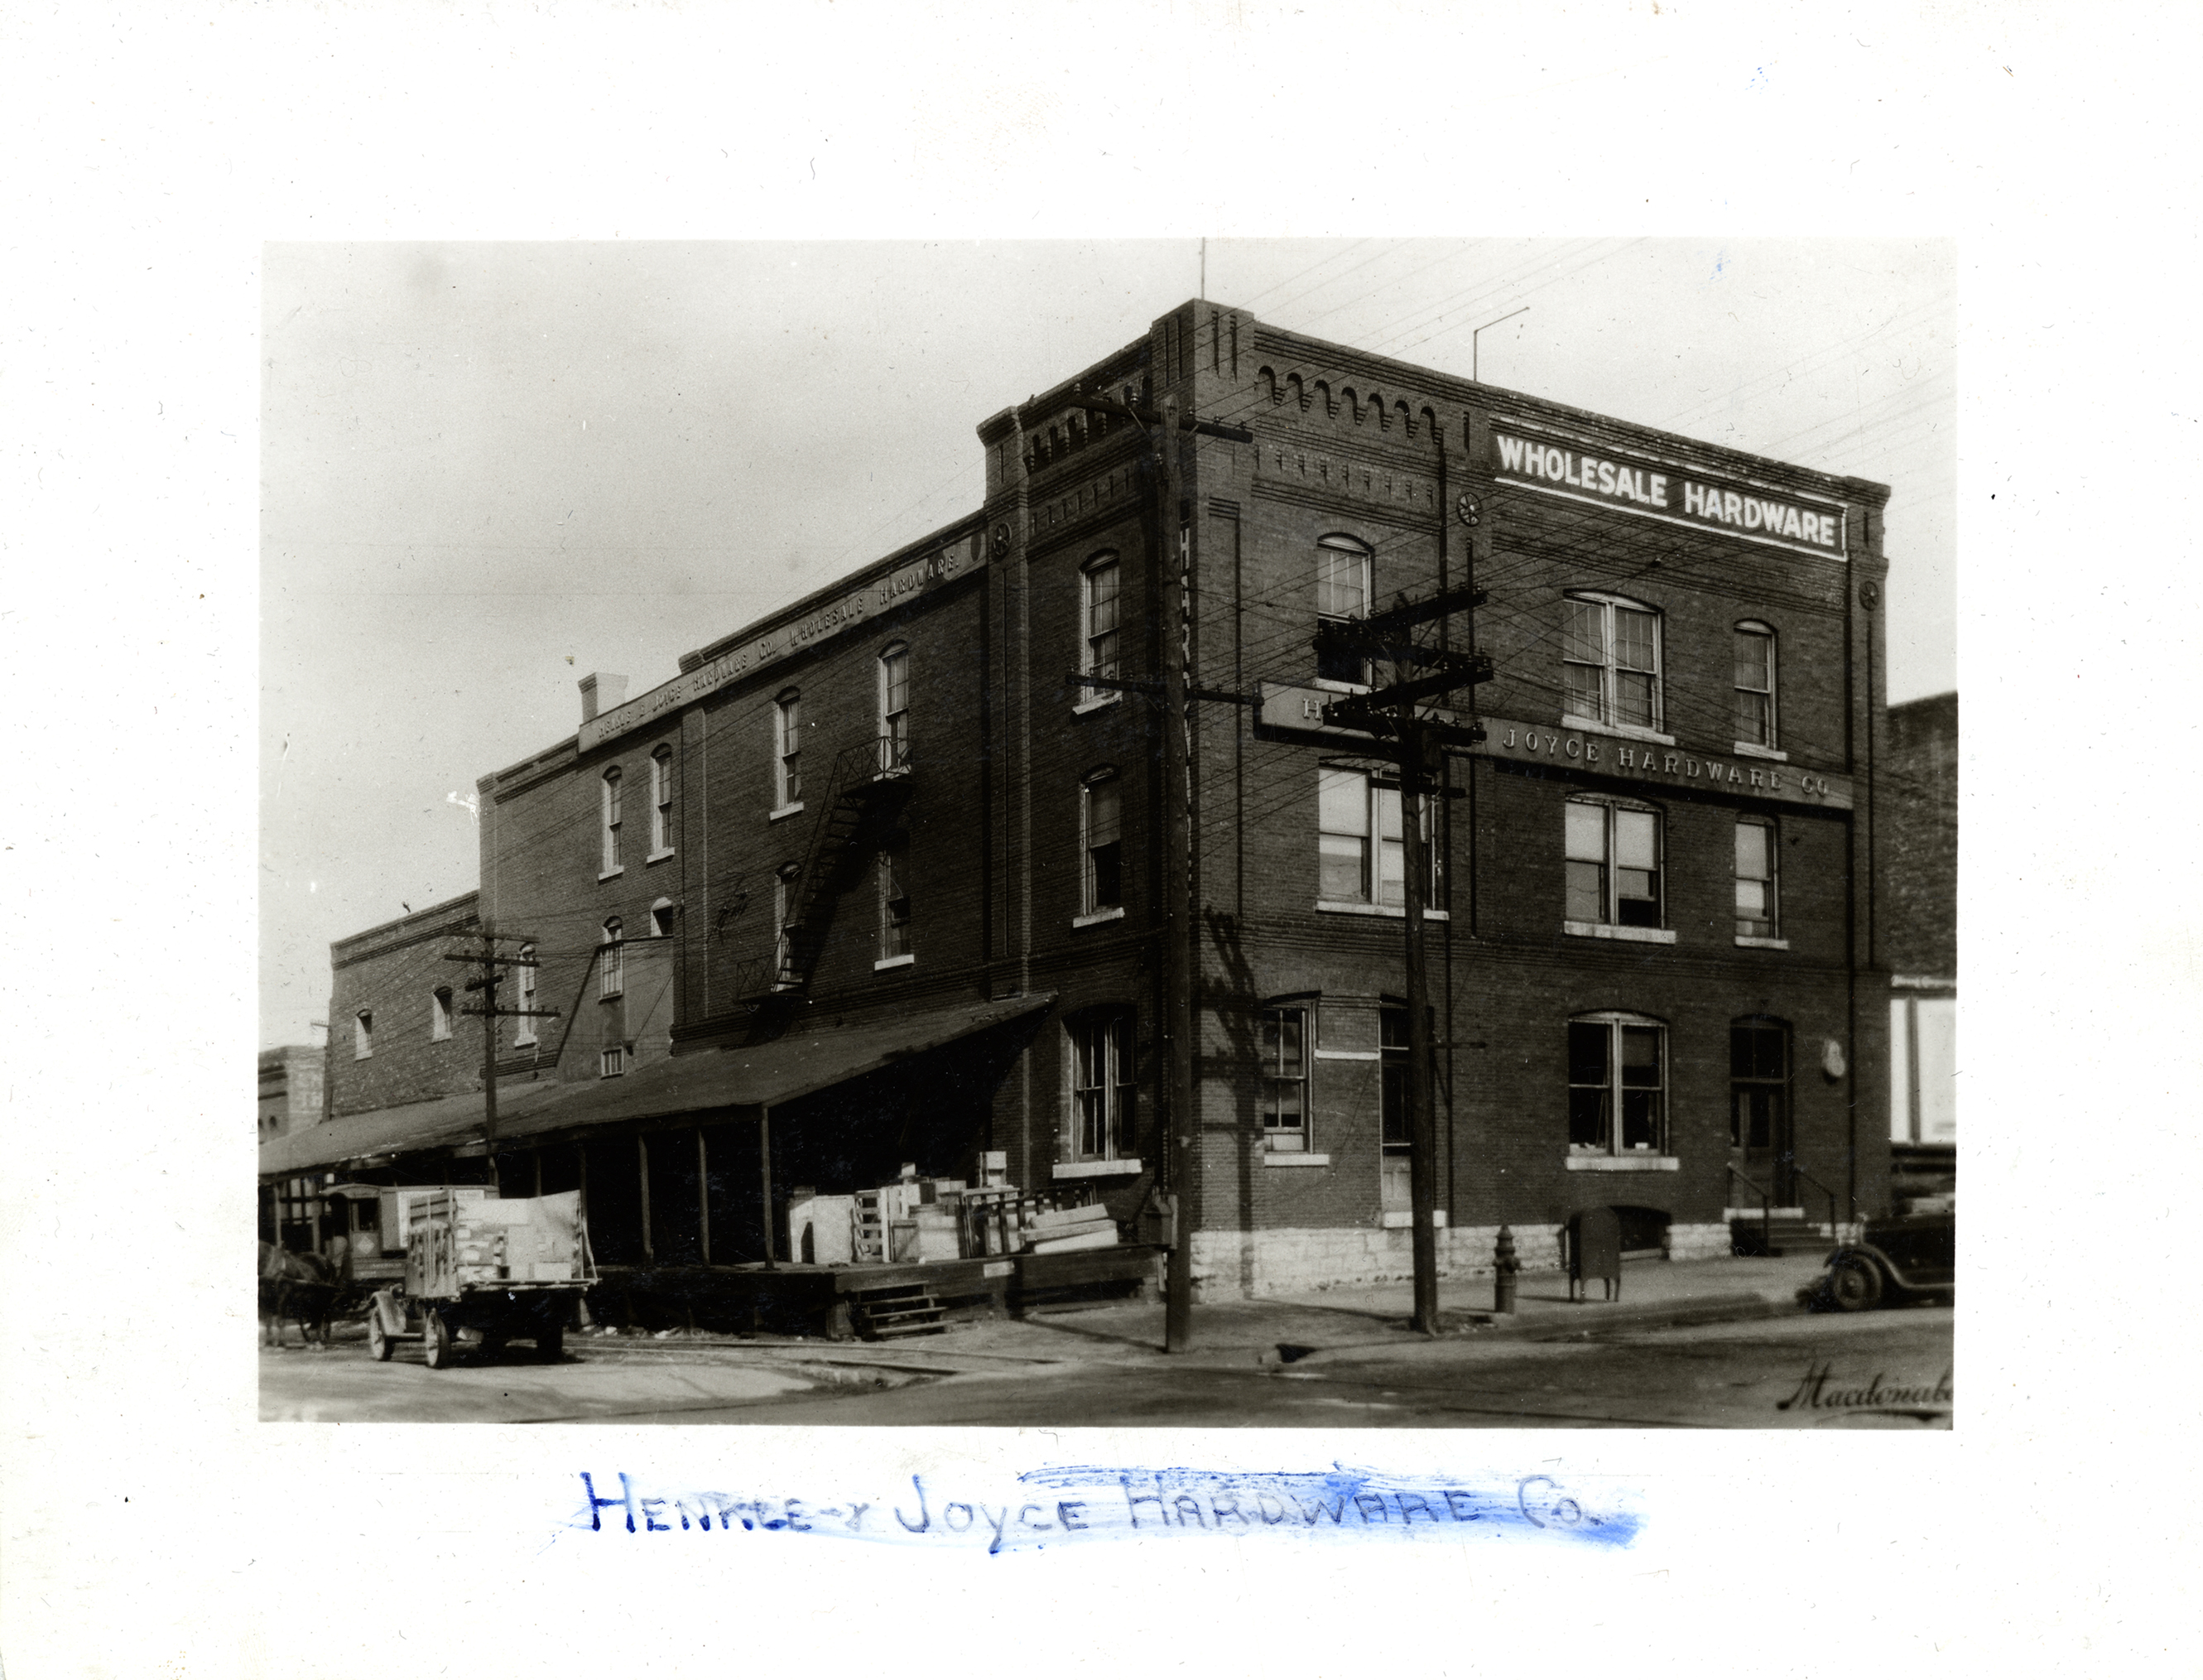 20. Henkle & Joyce Hardware Building